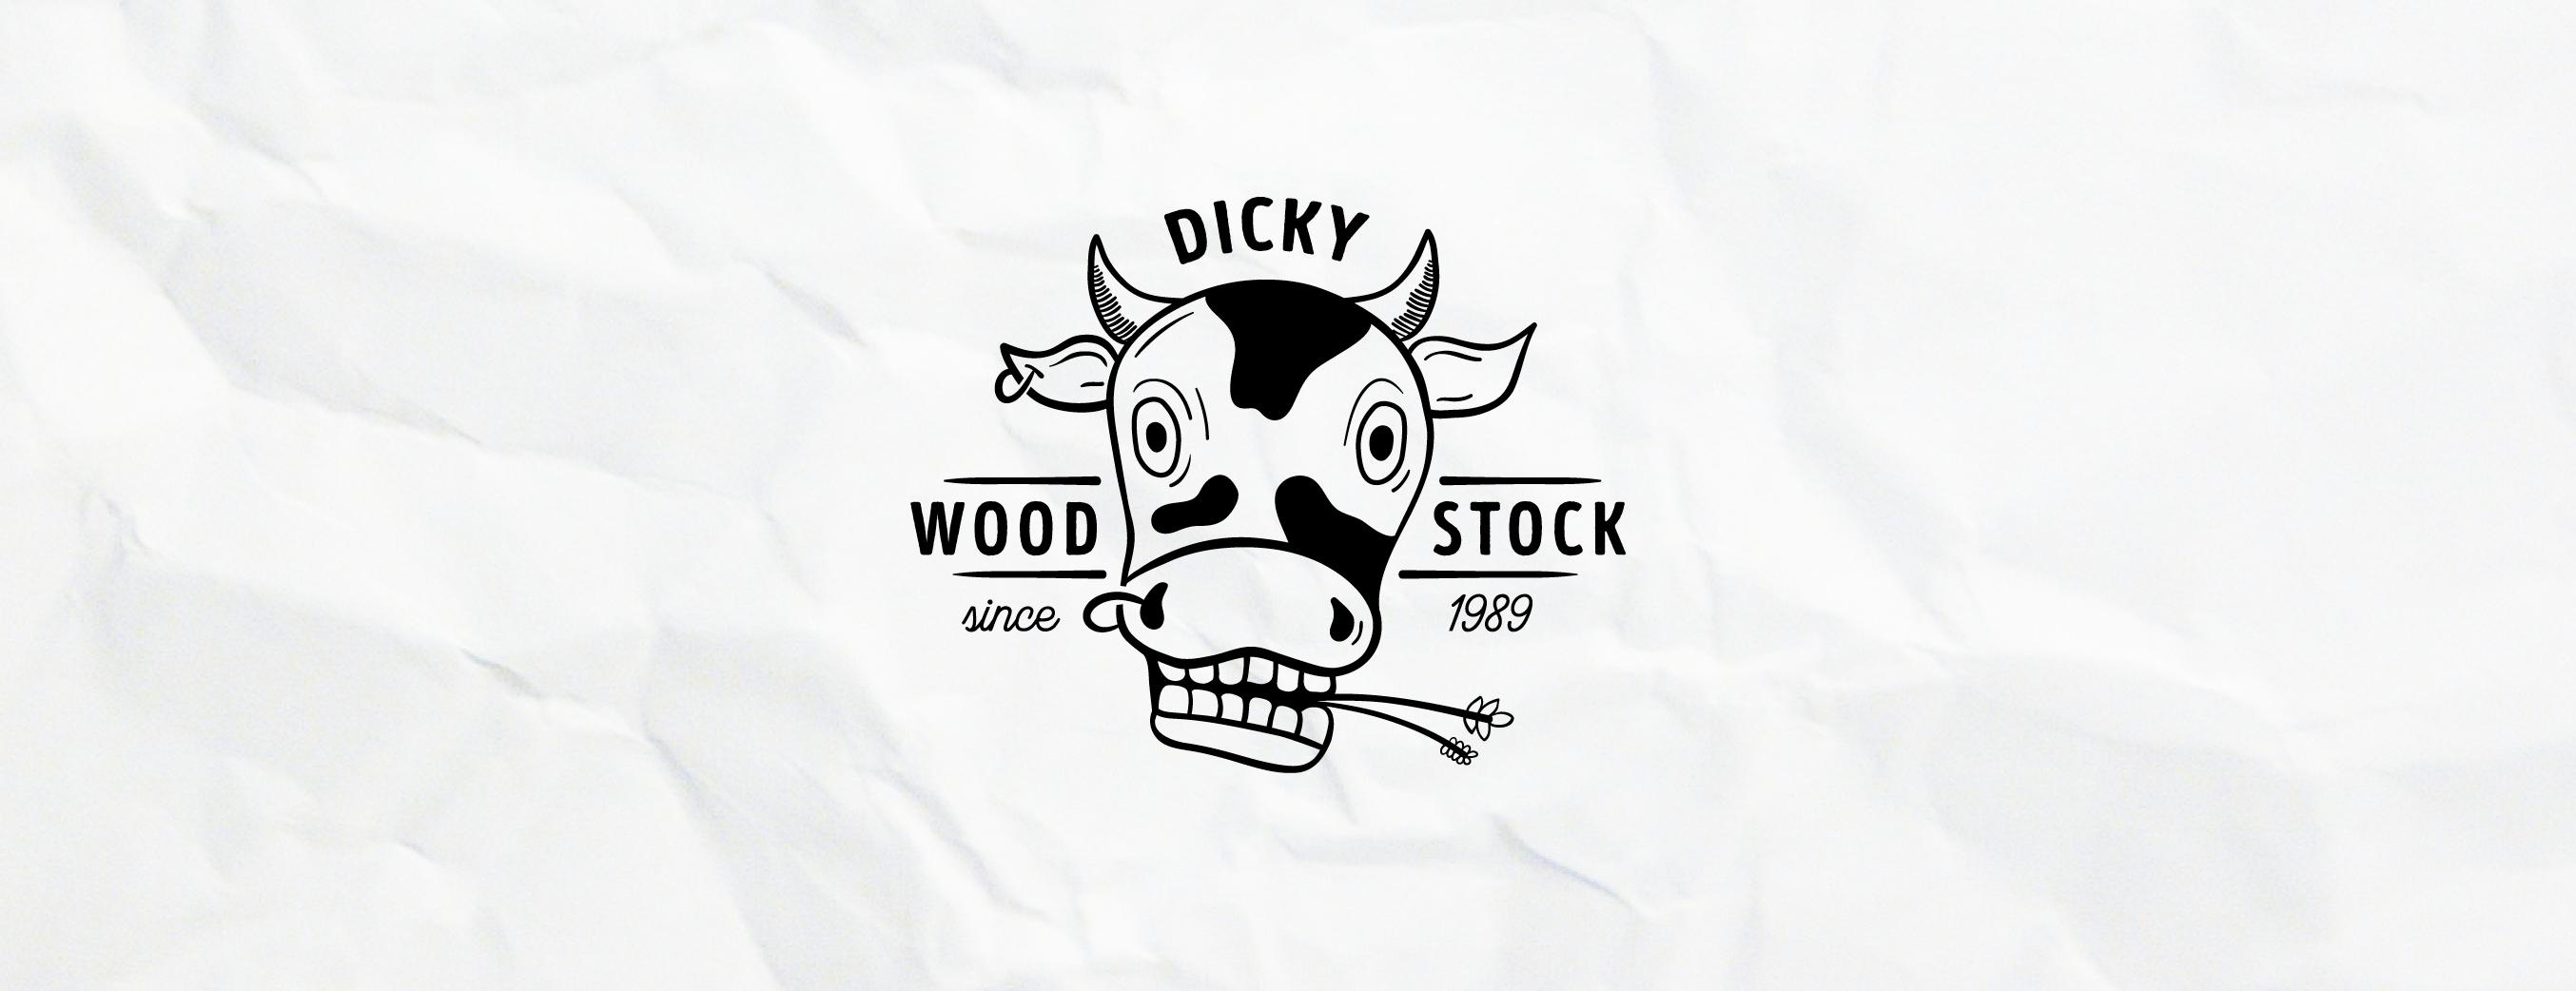 x-dicky-woodstock